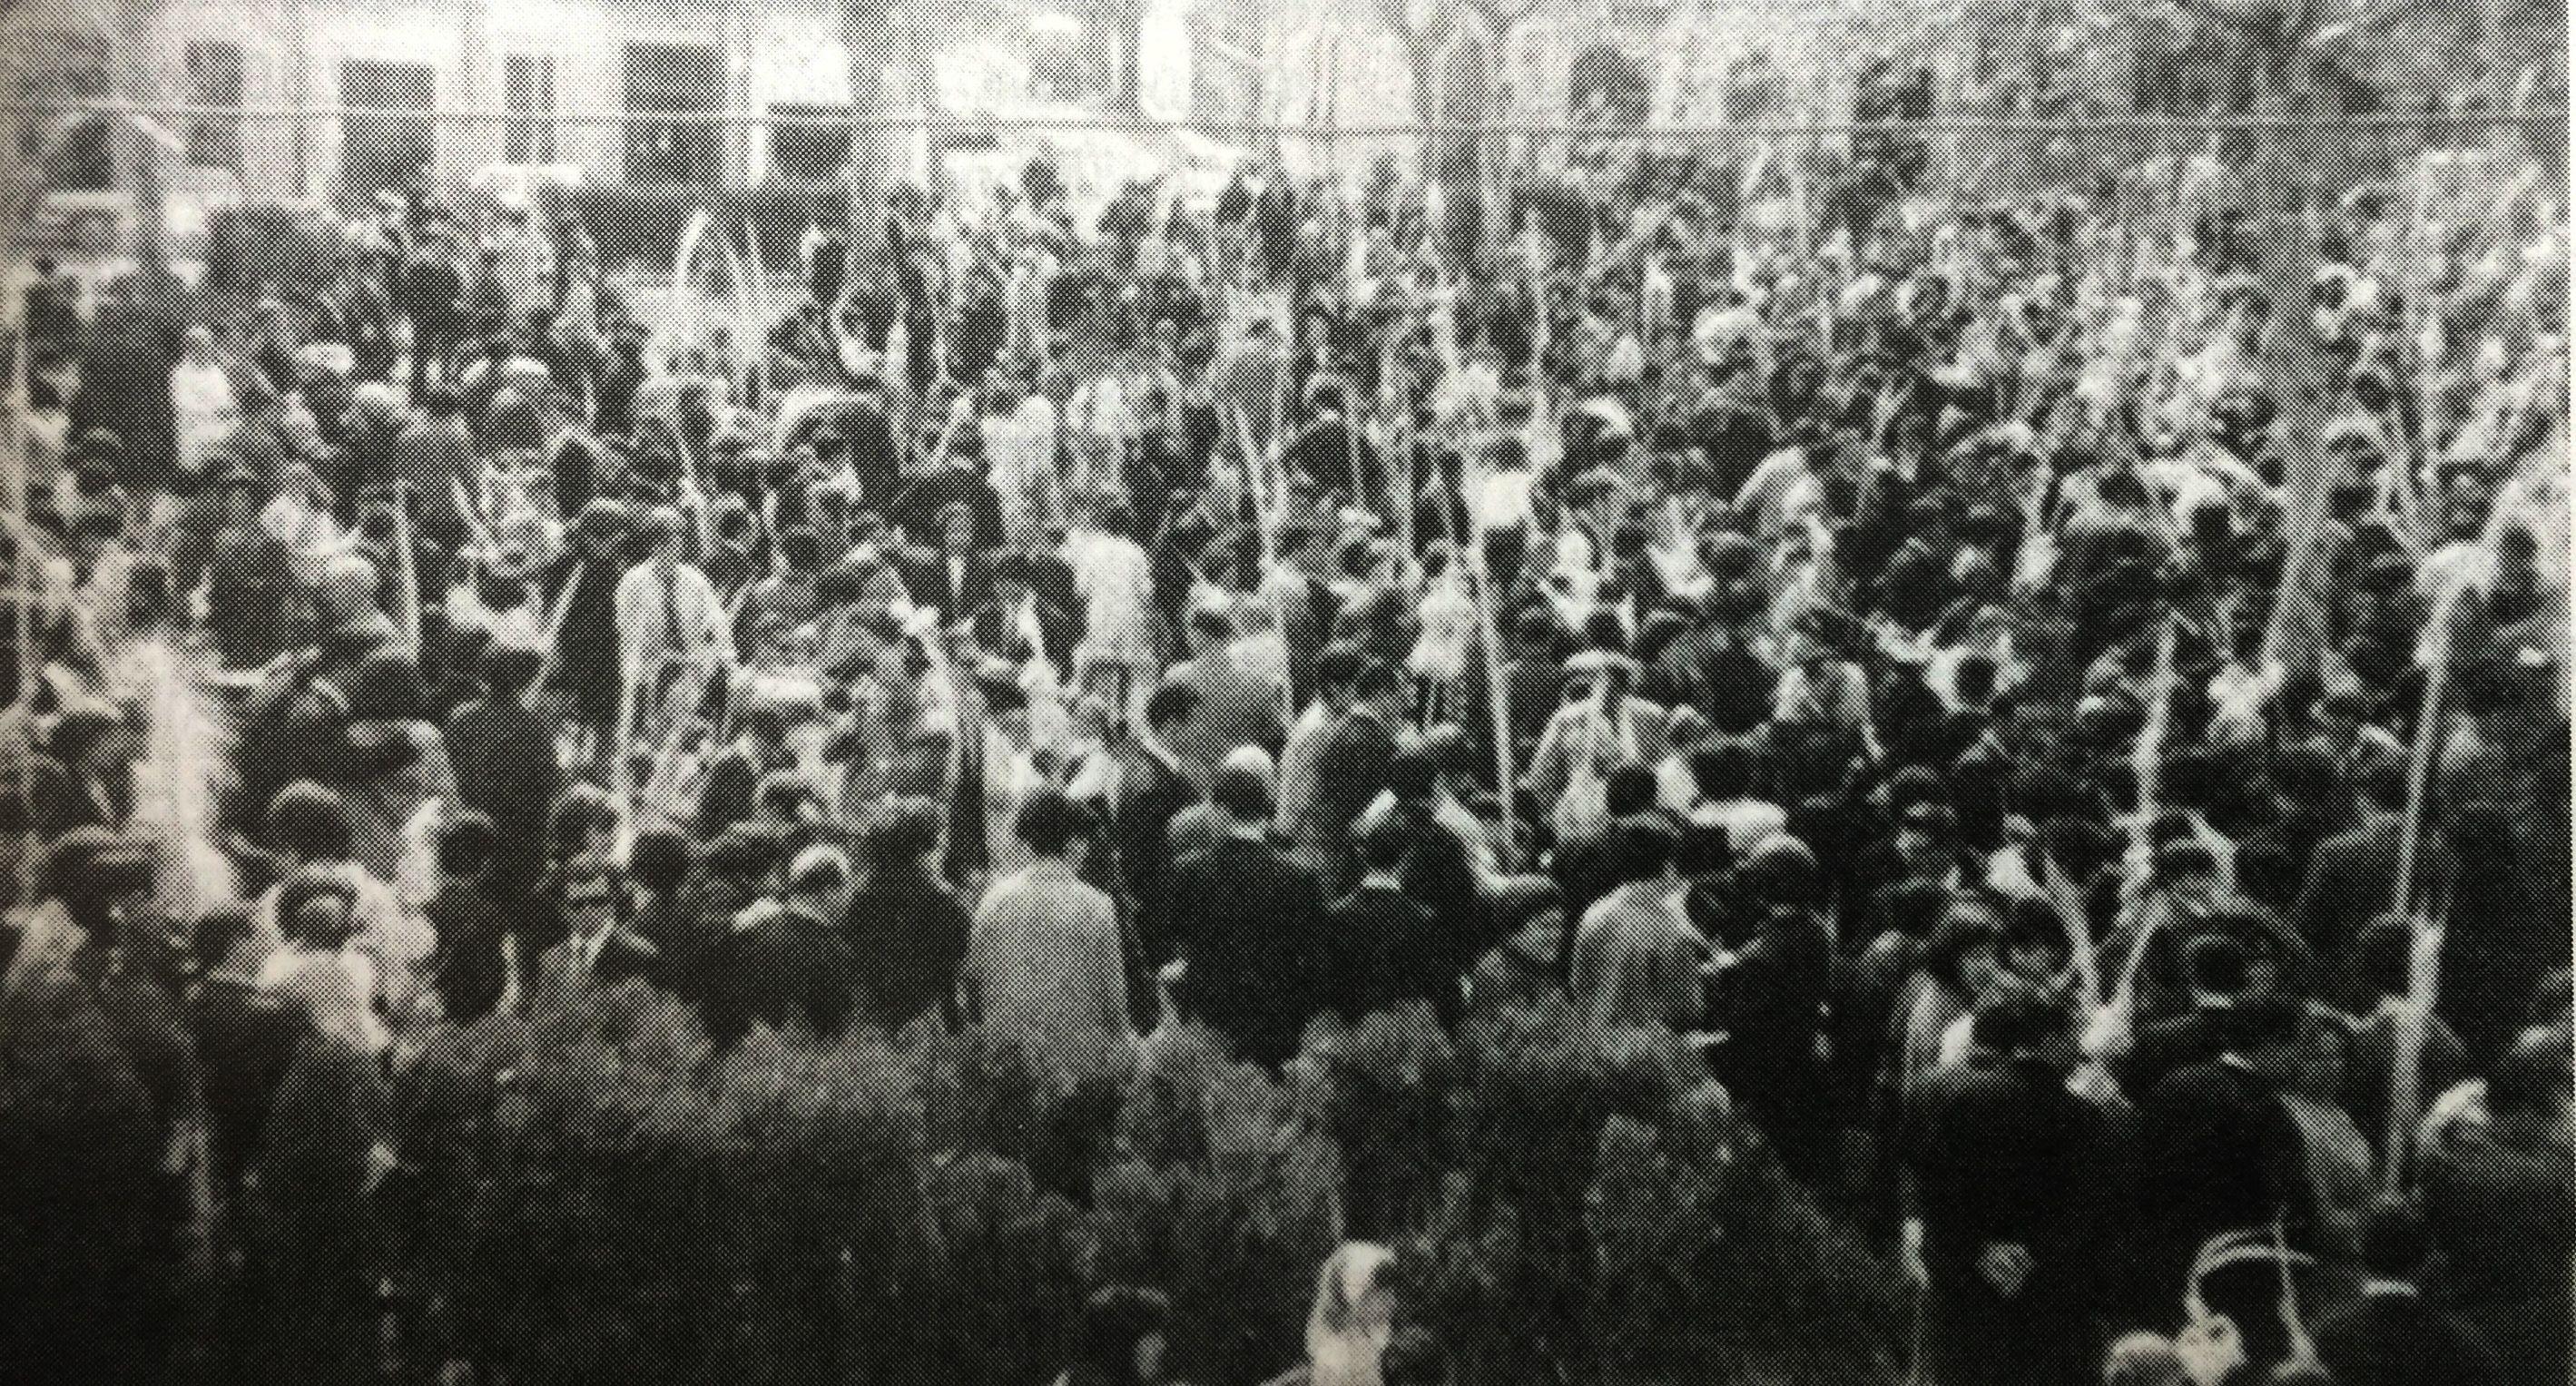 Diumenge de Rams a la Plaça Sant Ramon, anys 60. FOTO: Arxiu del TOT